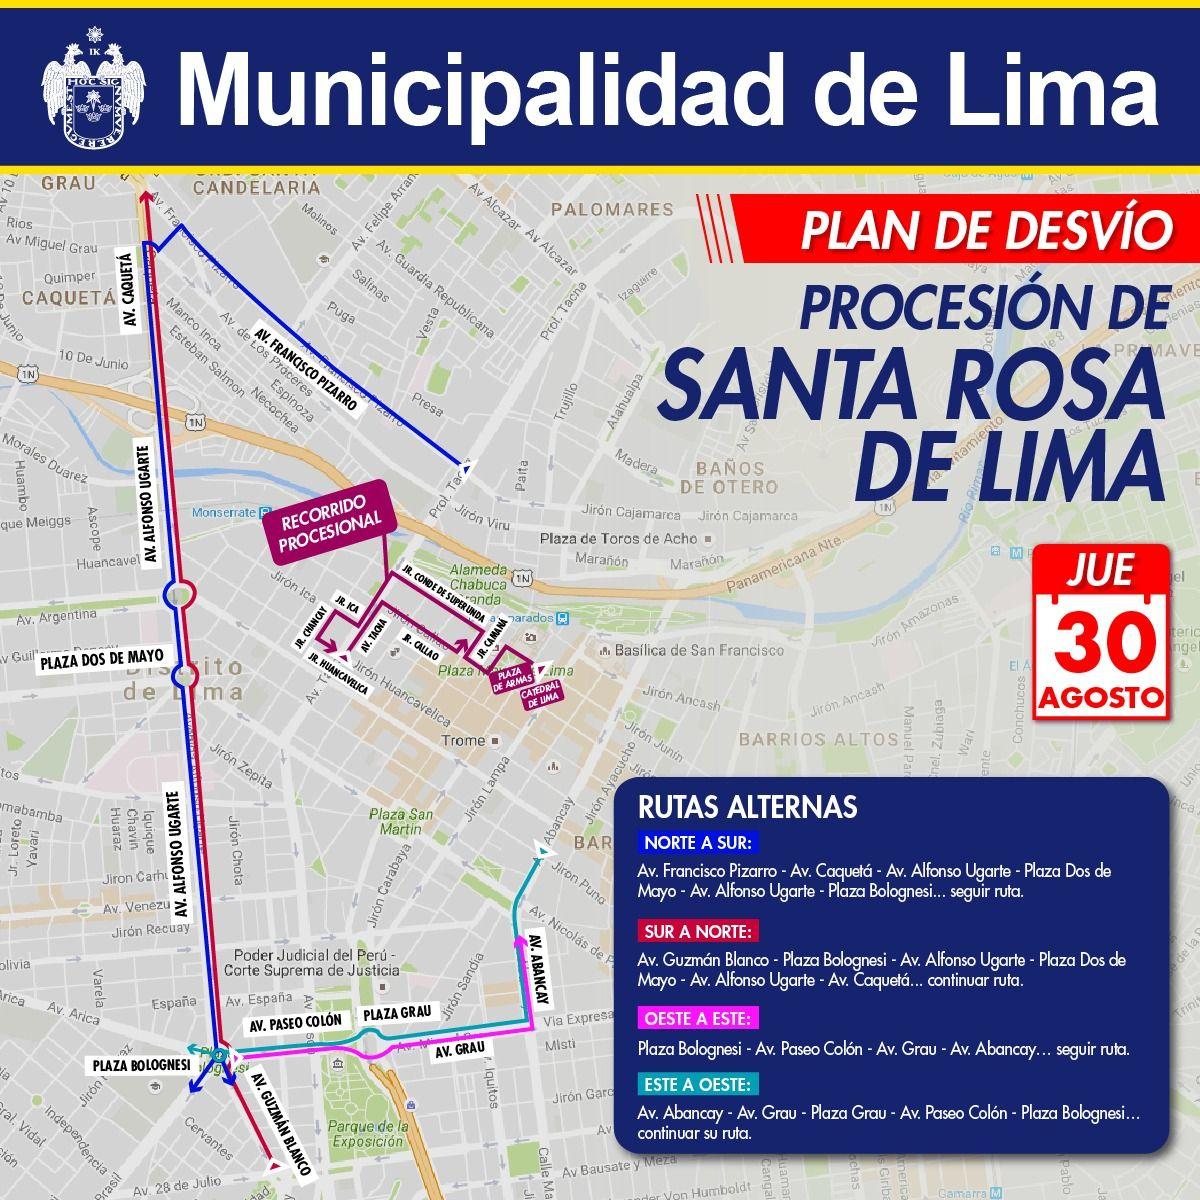 La procesión de Santa Rosa será este jueves 30 de agosto. (El Comercio)